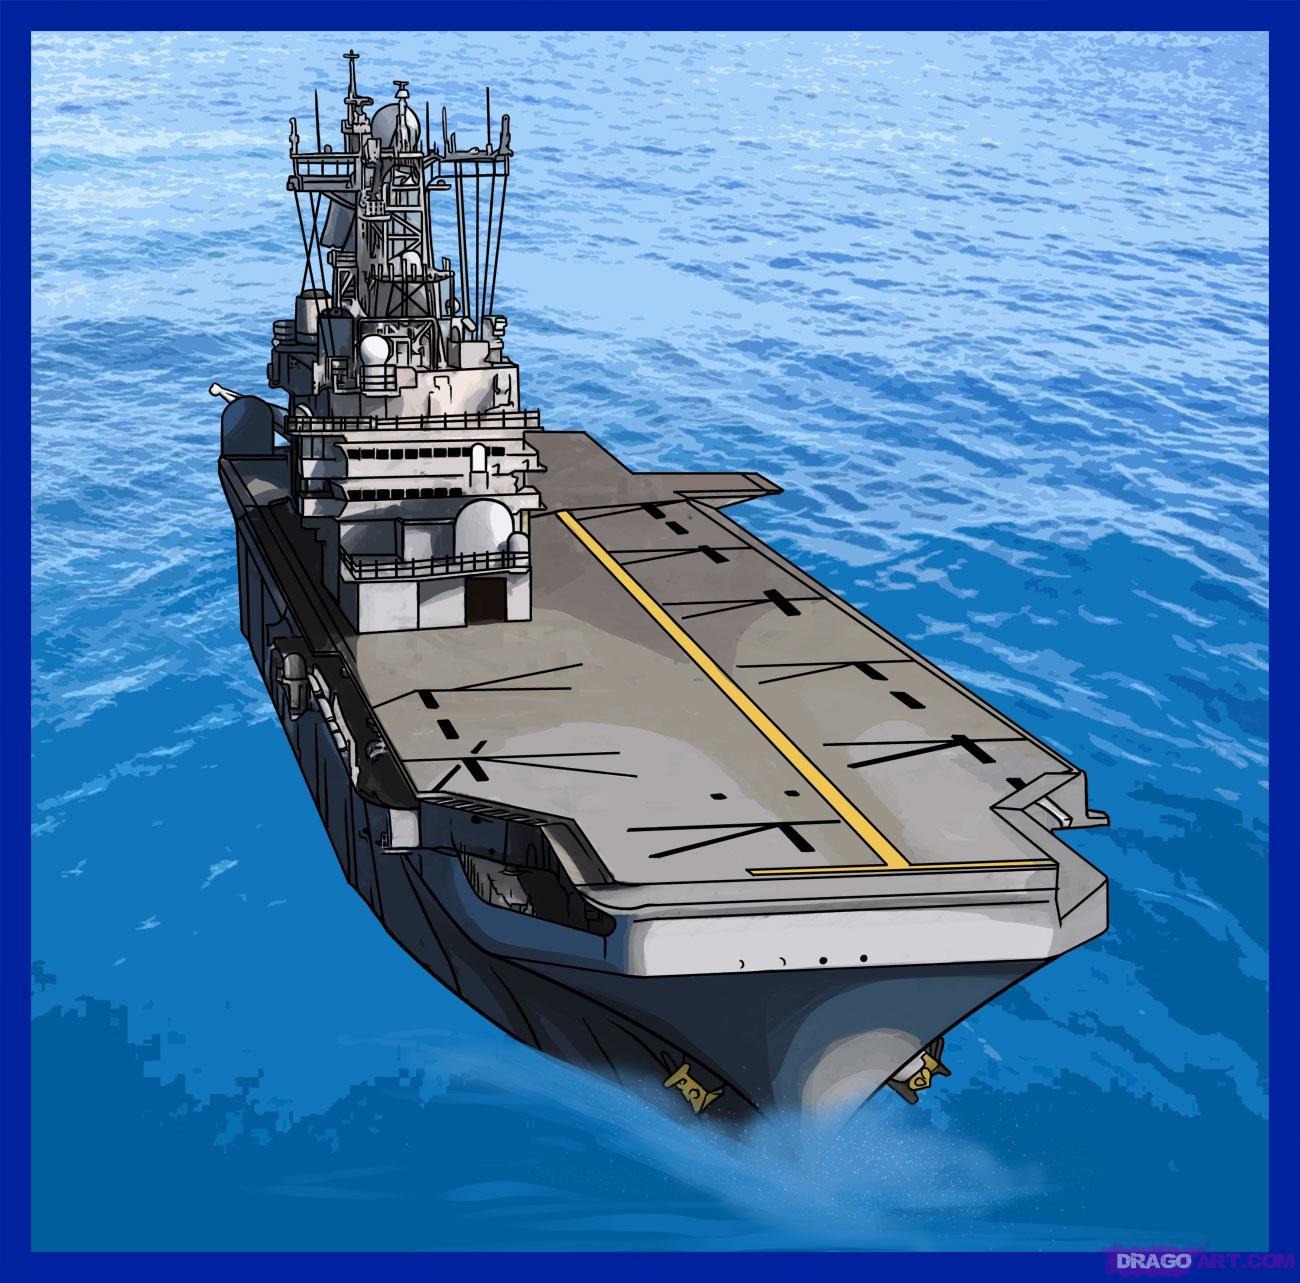 Drawn ship pirat Wikipedia Aircraft carrier carrier Aircraft